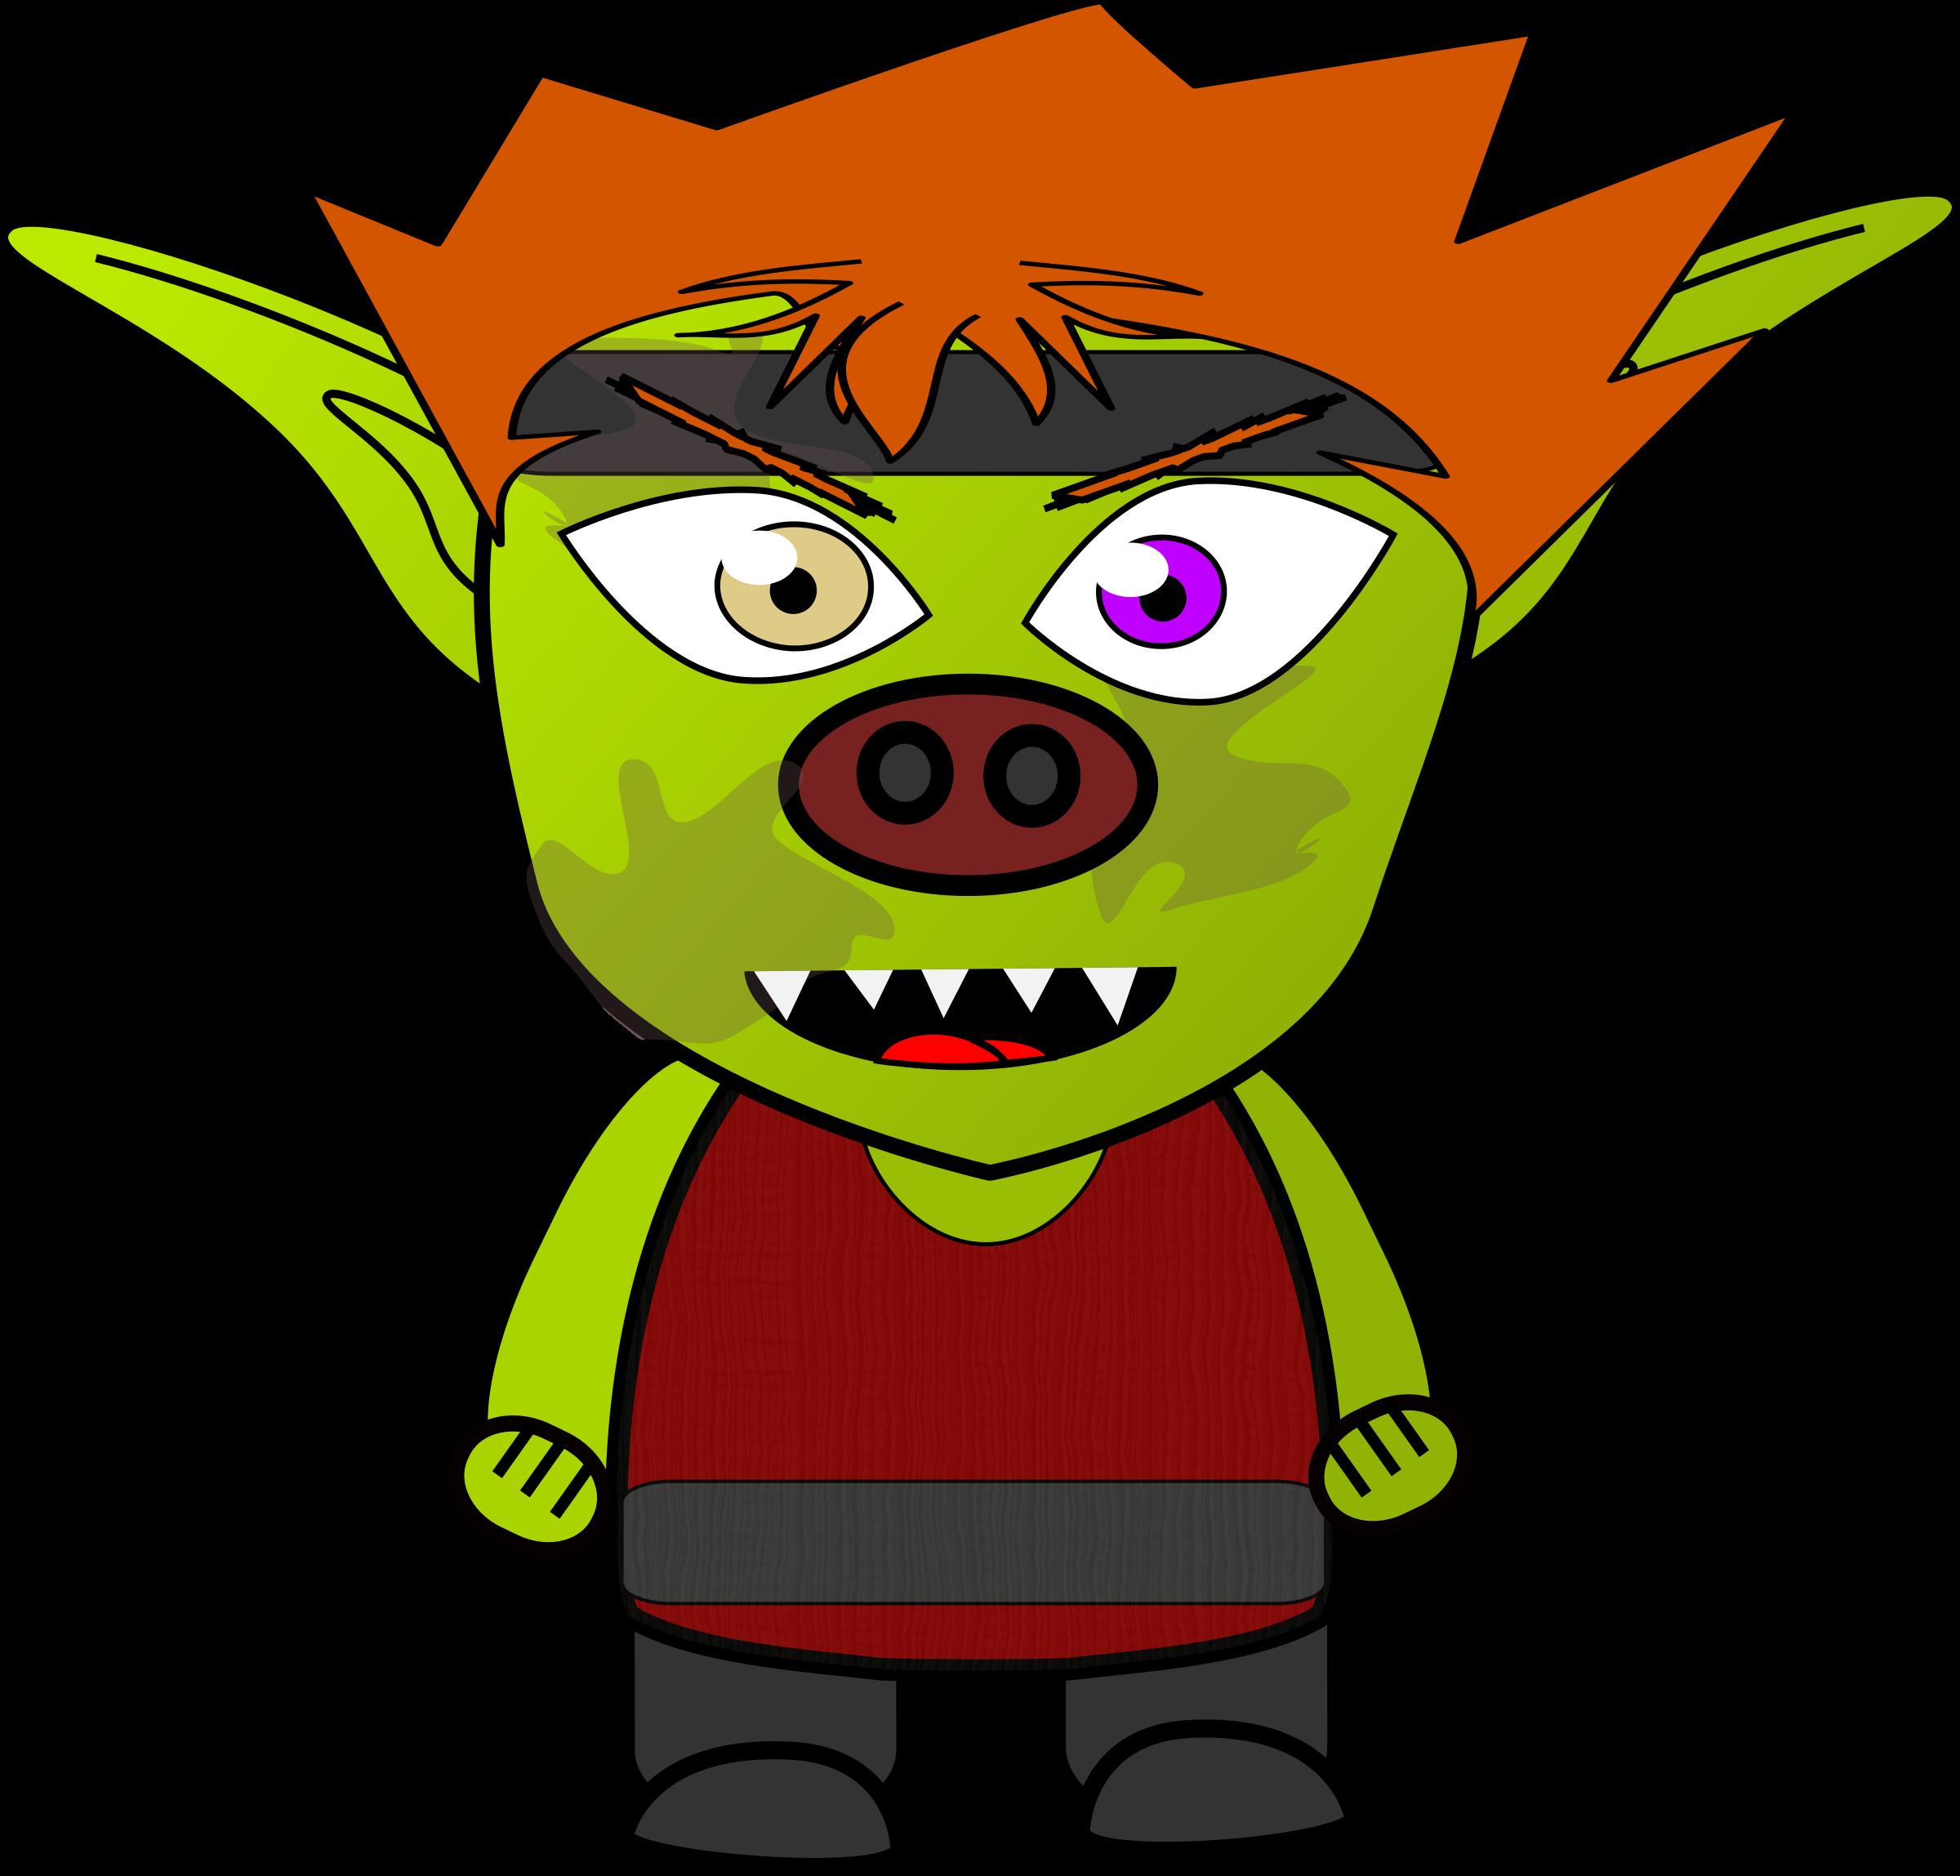 Monster clipart goblin Goblin Clipart Chibi Fighter Goblin